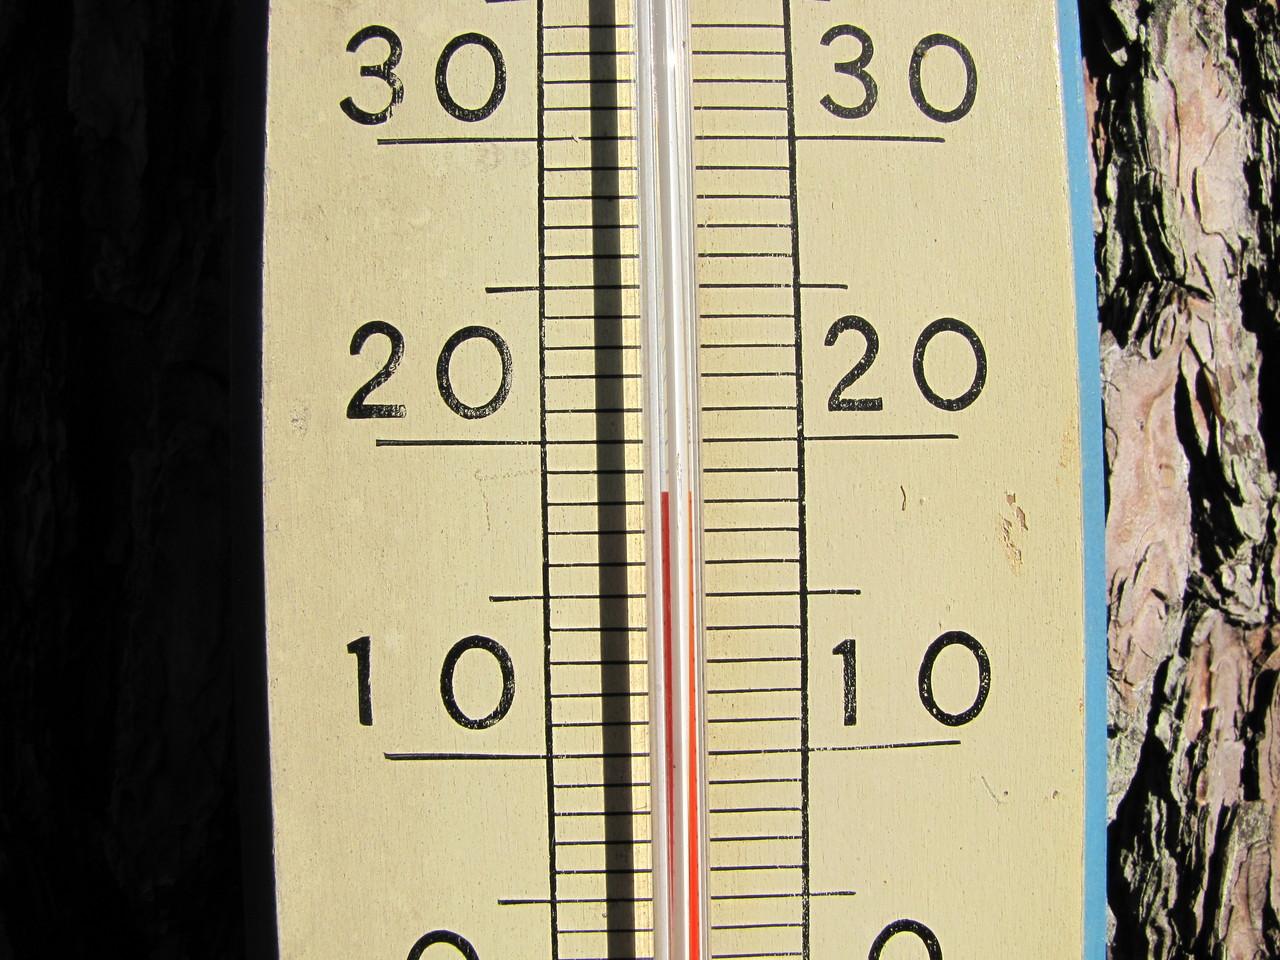 頂上に設置されている、おそらく壊れている温度計(もっと寒かったです)